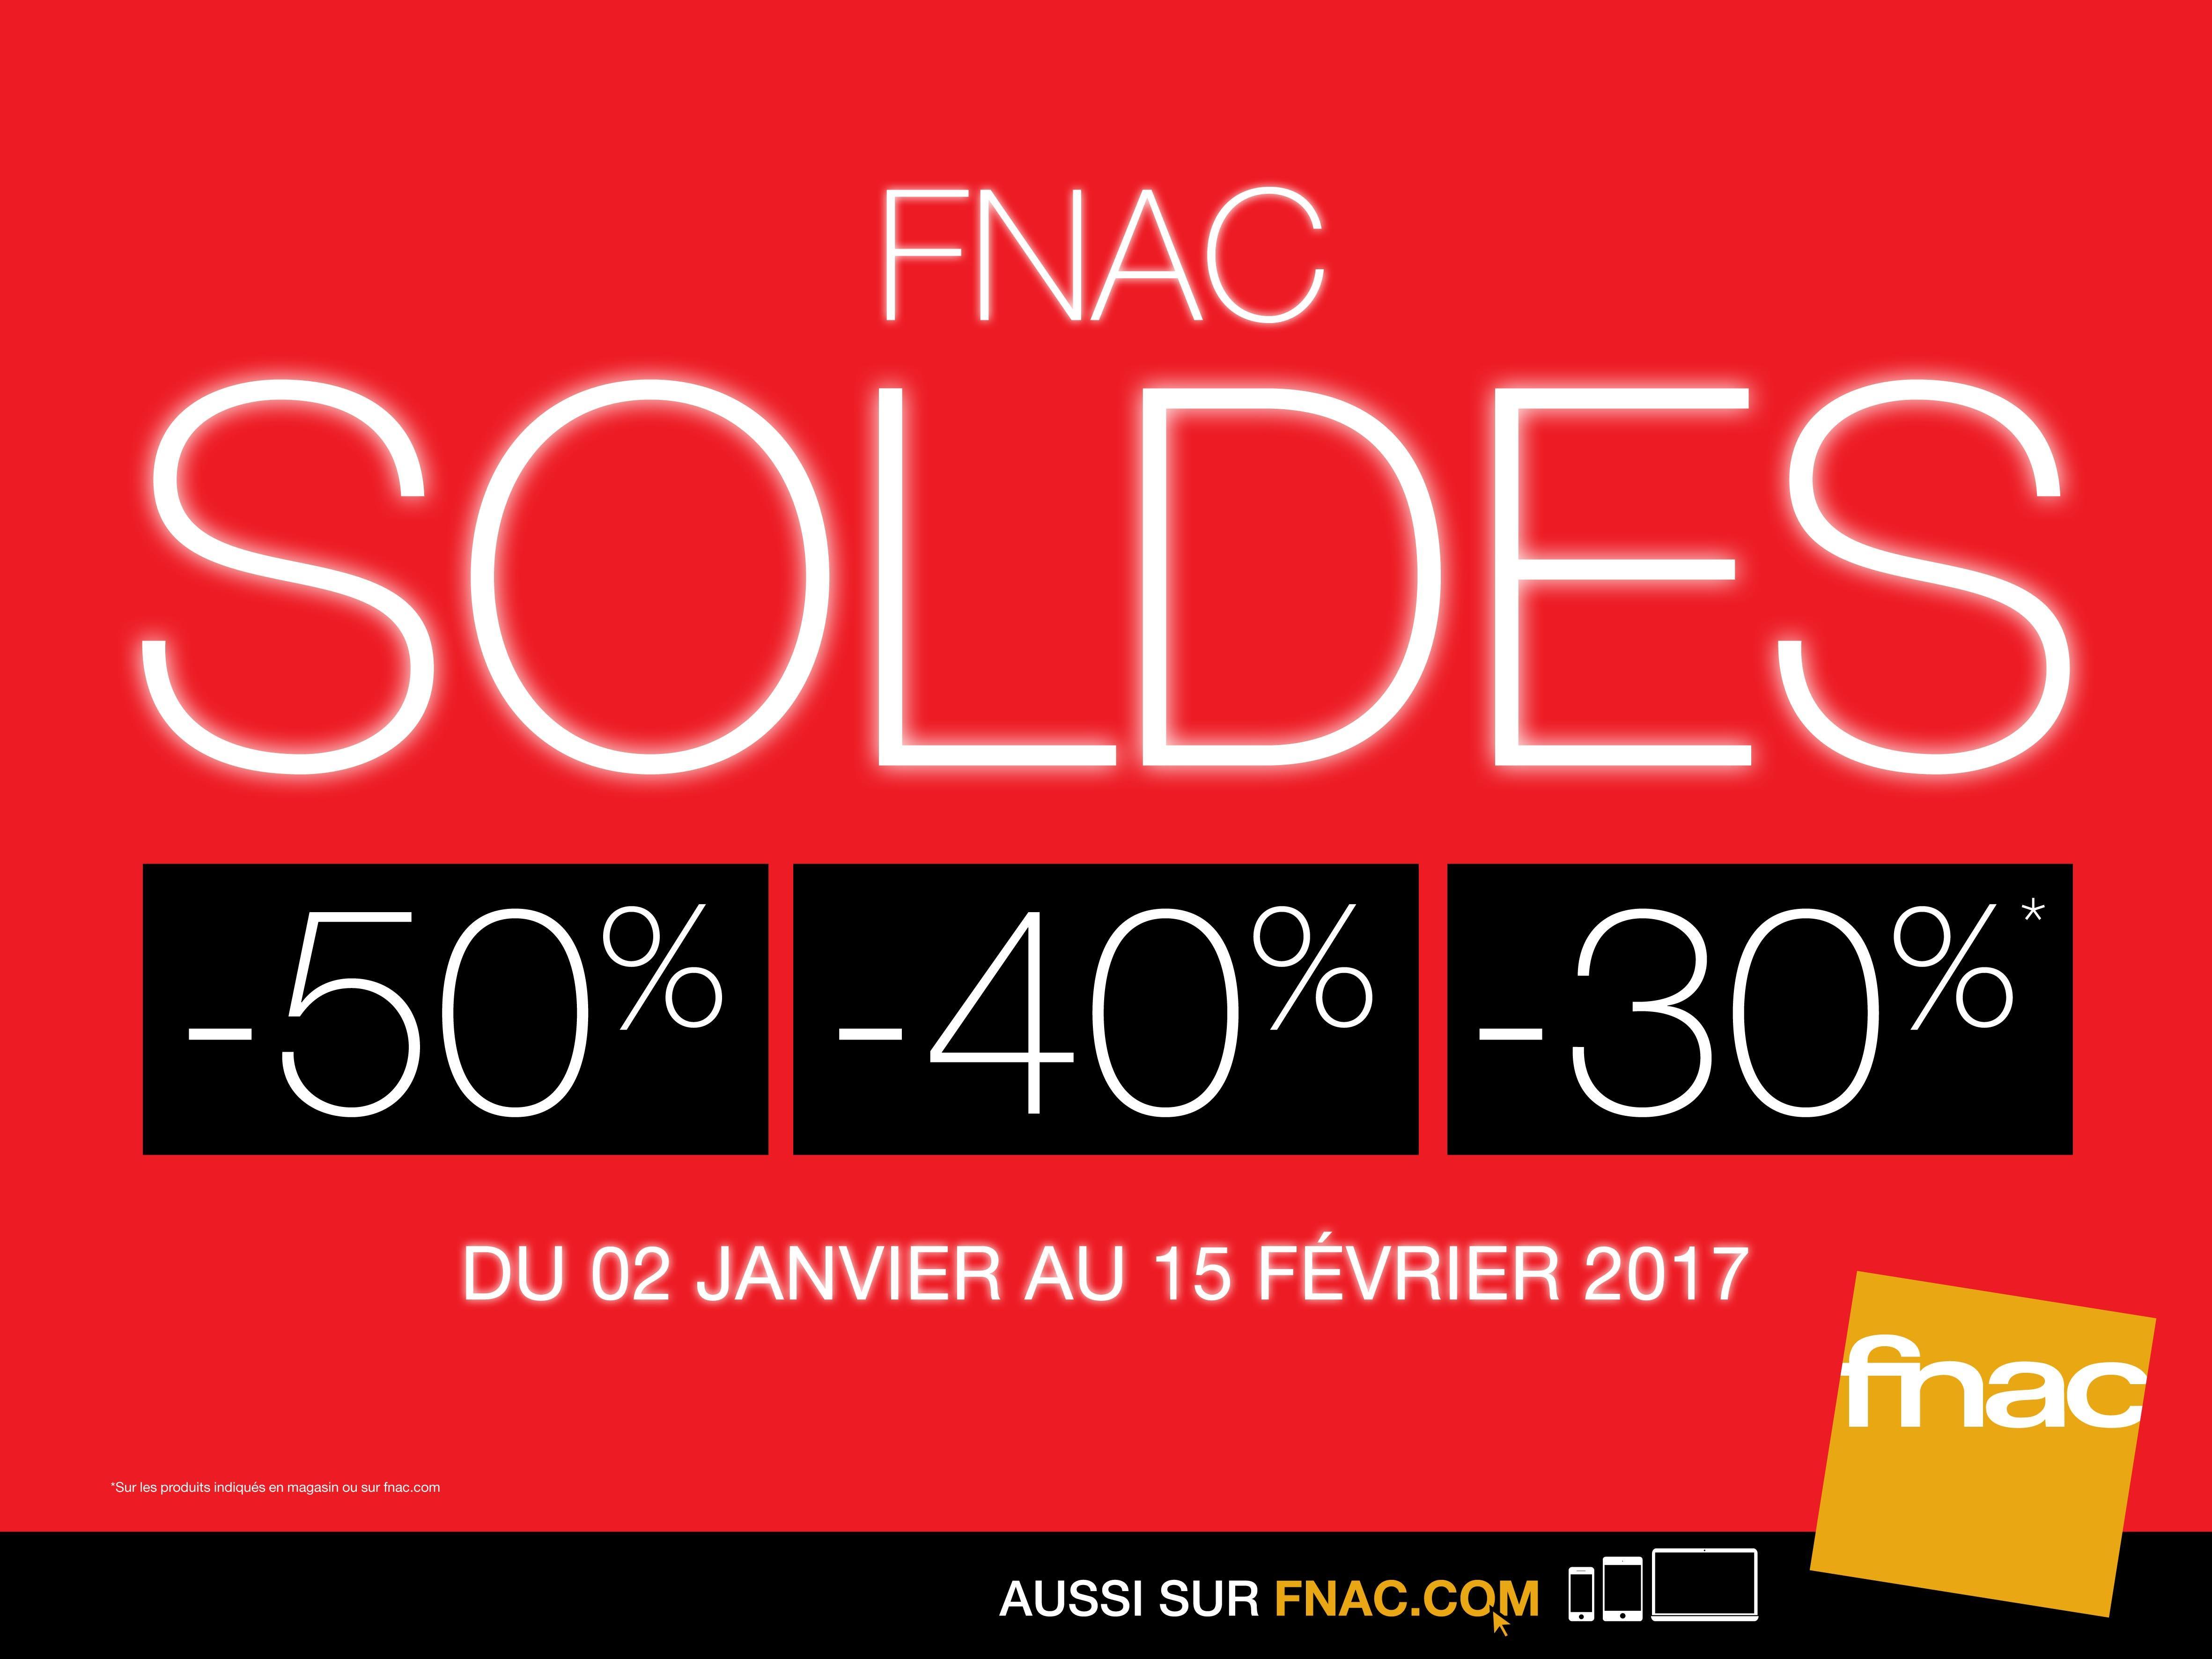 ed2248da1fe34c Soldes d'hiver dans votre magasin Fnac - Conseils d'experts Fnac